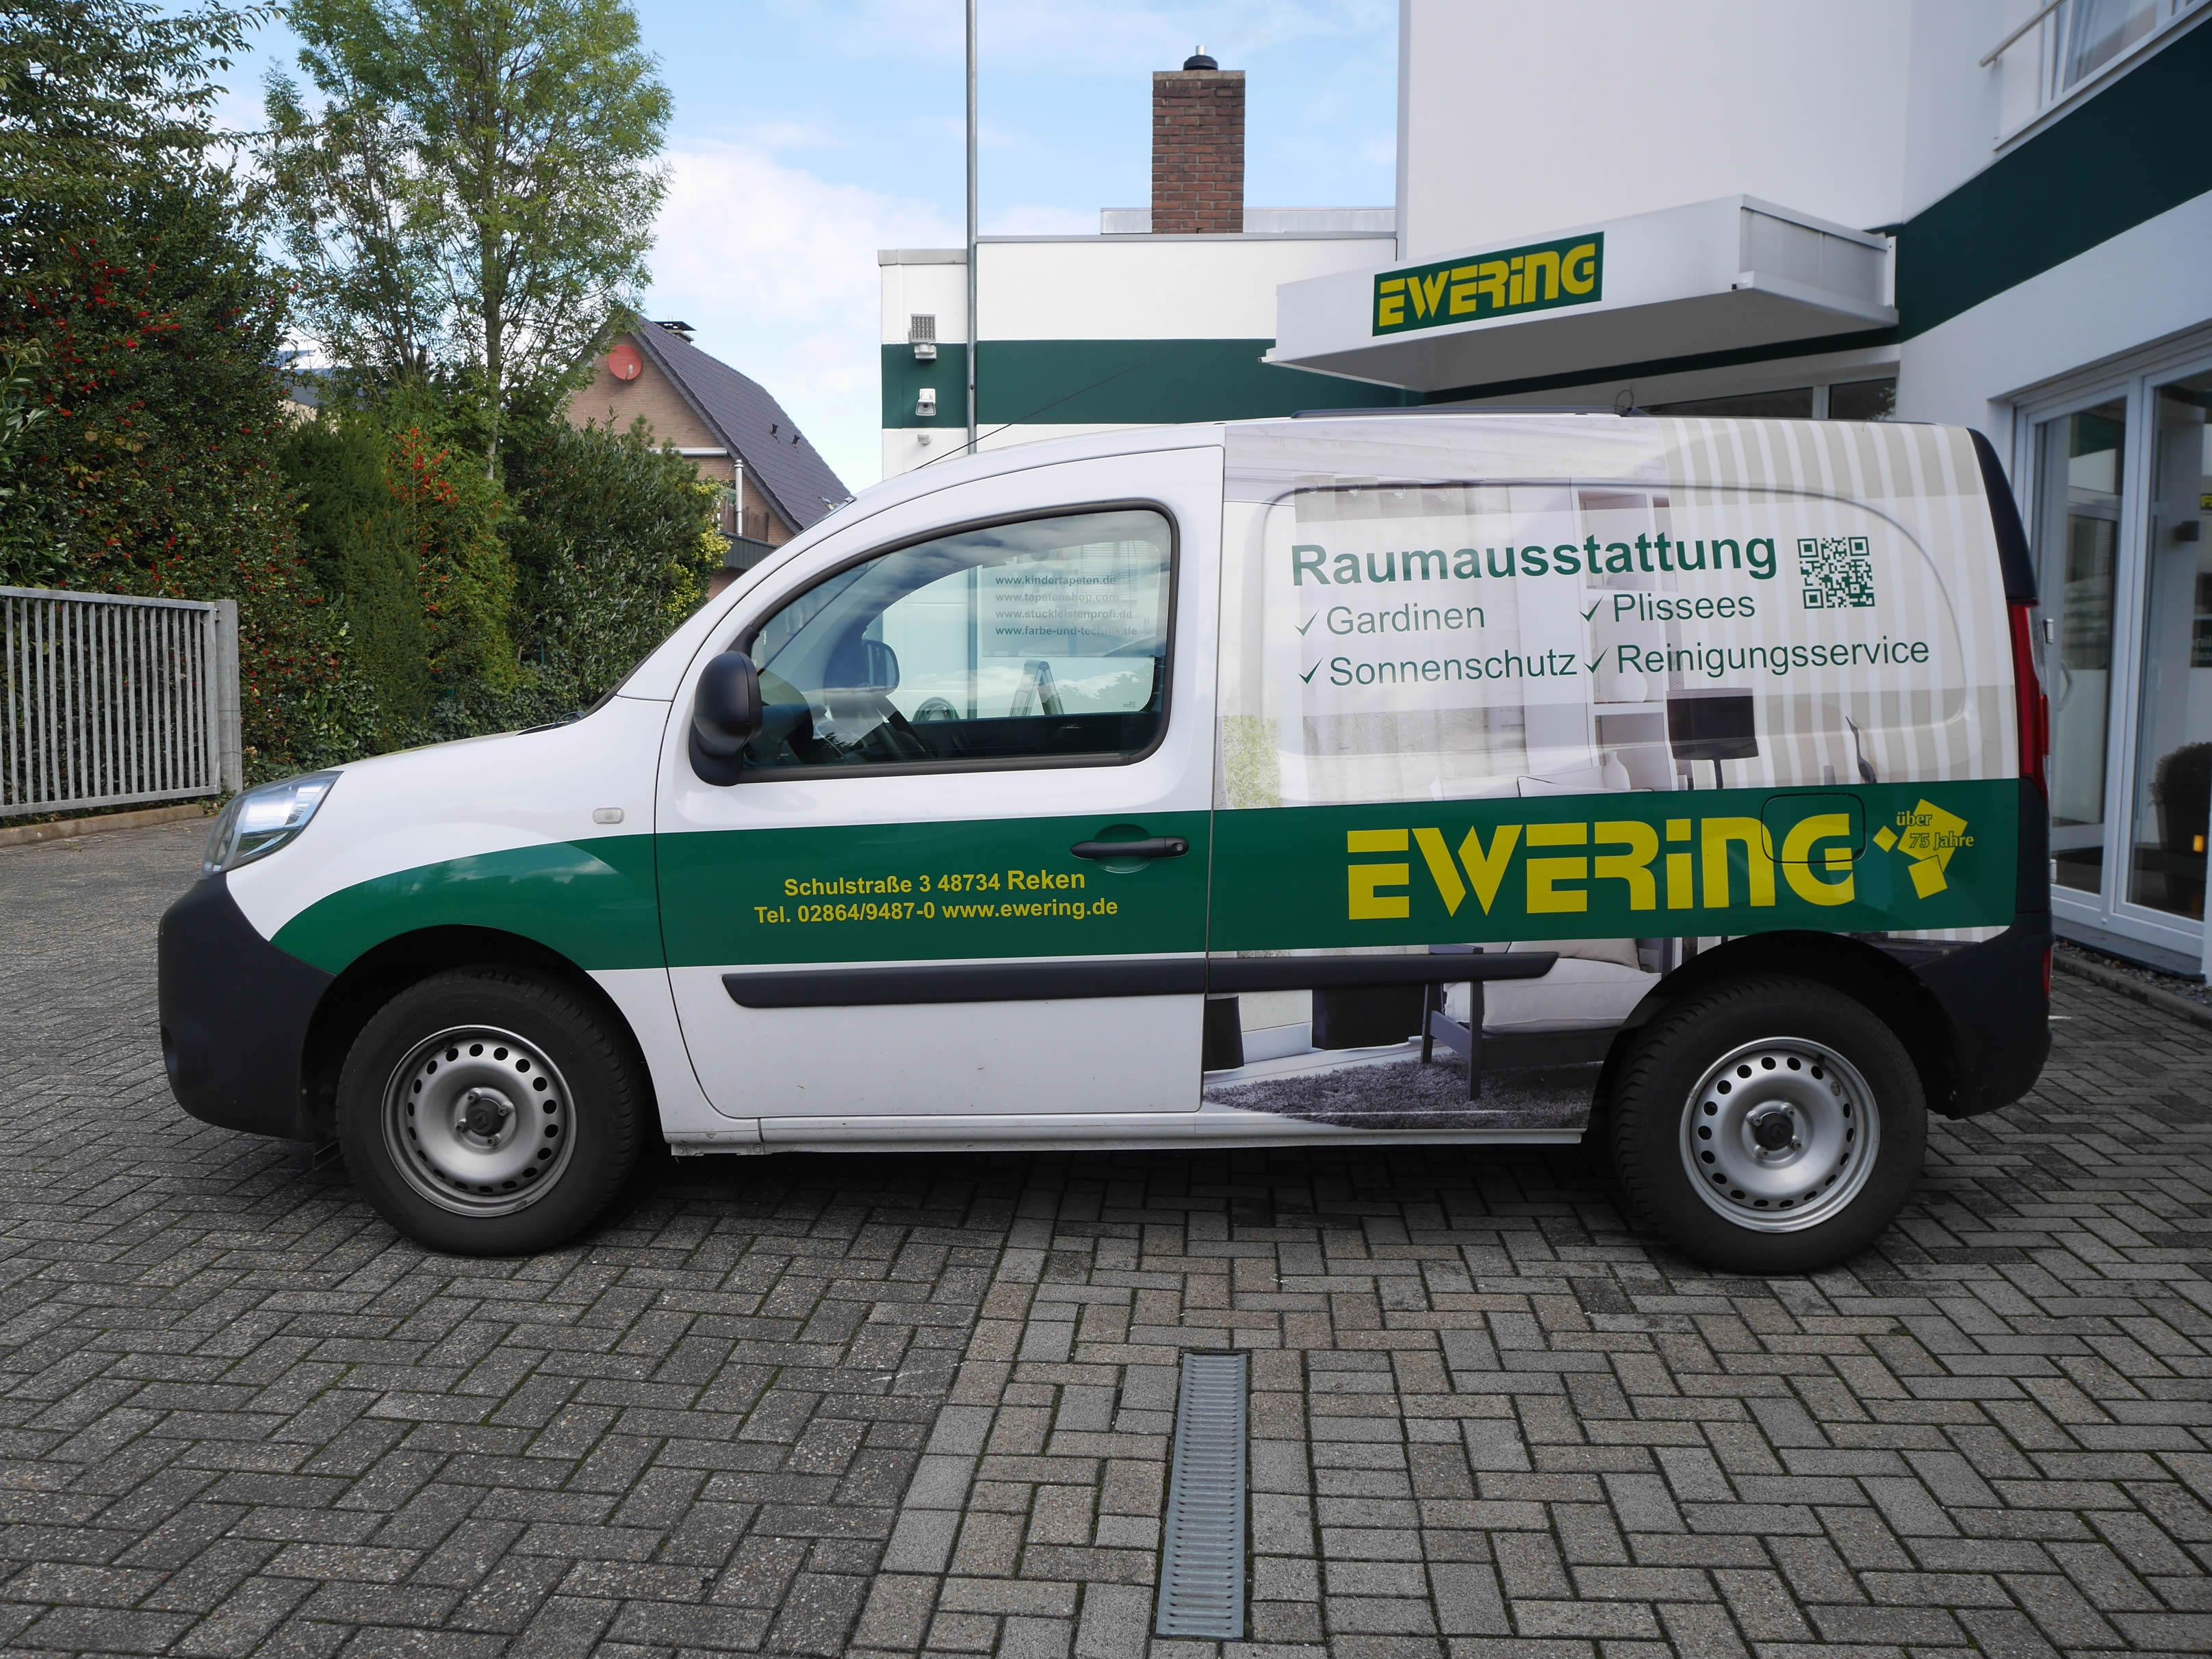 Ewering Raumdesign Raumausstattung Firmenfahrzeug Werbetechnik Kangoo Fahrzeugbeschriftung